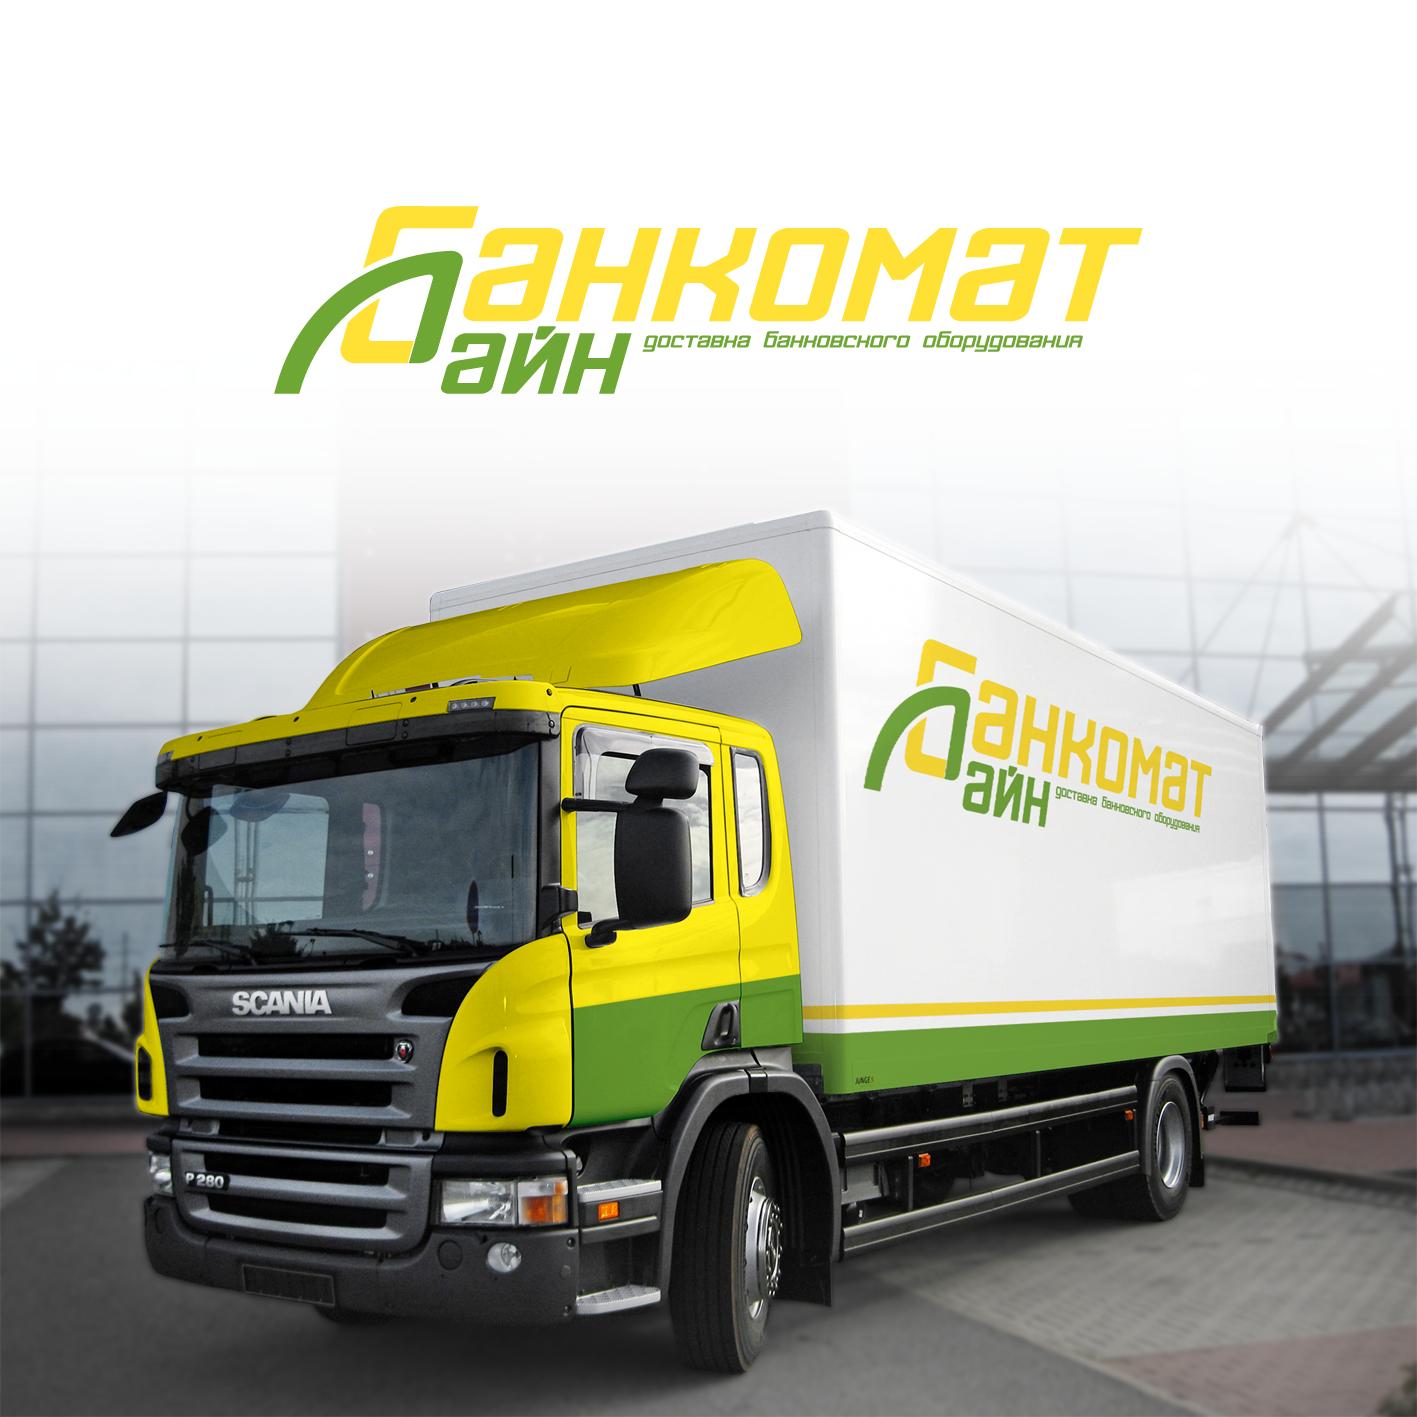 Разработка логотипа и слогана для транспортной компании фото f_266587aaf4ecbbb0.png